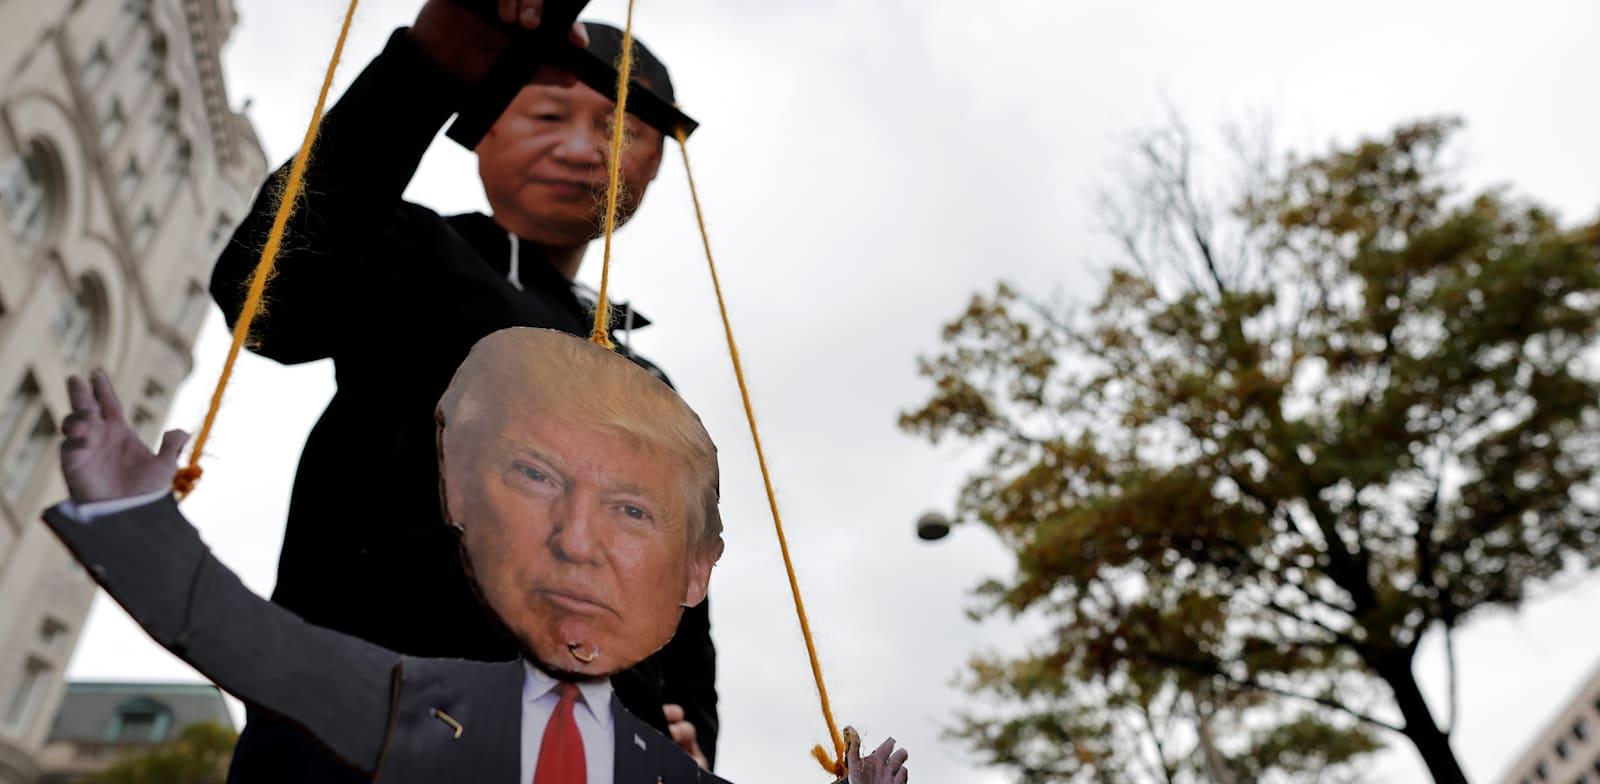 בתוך חמש שנים סין תכבוש את העולם ואי אפשר לעצור אותה גלובס